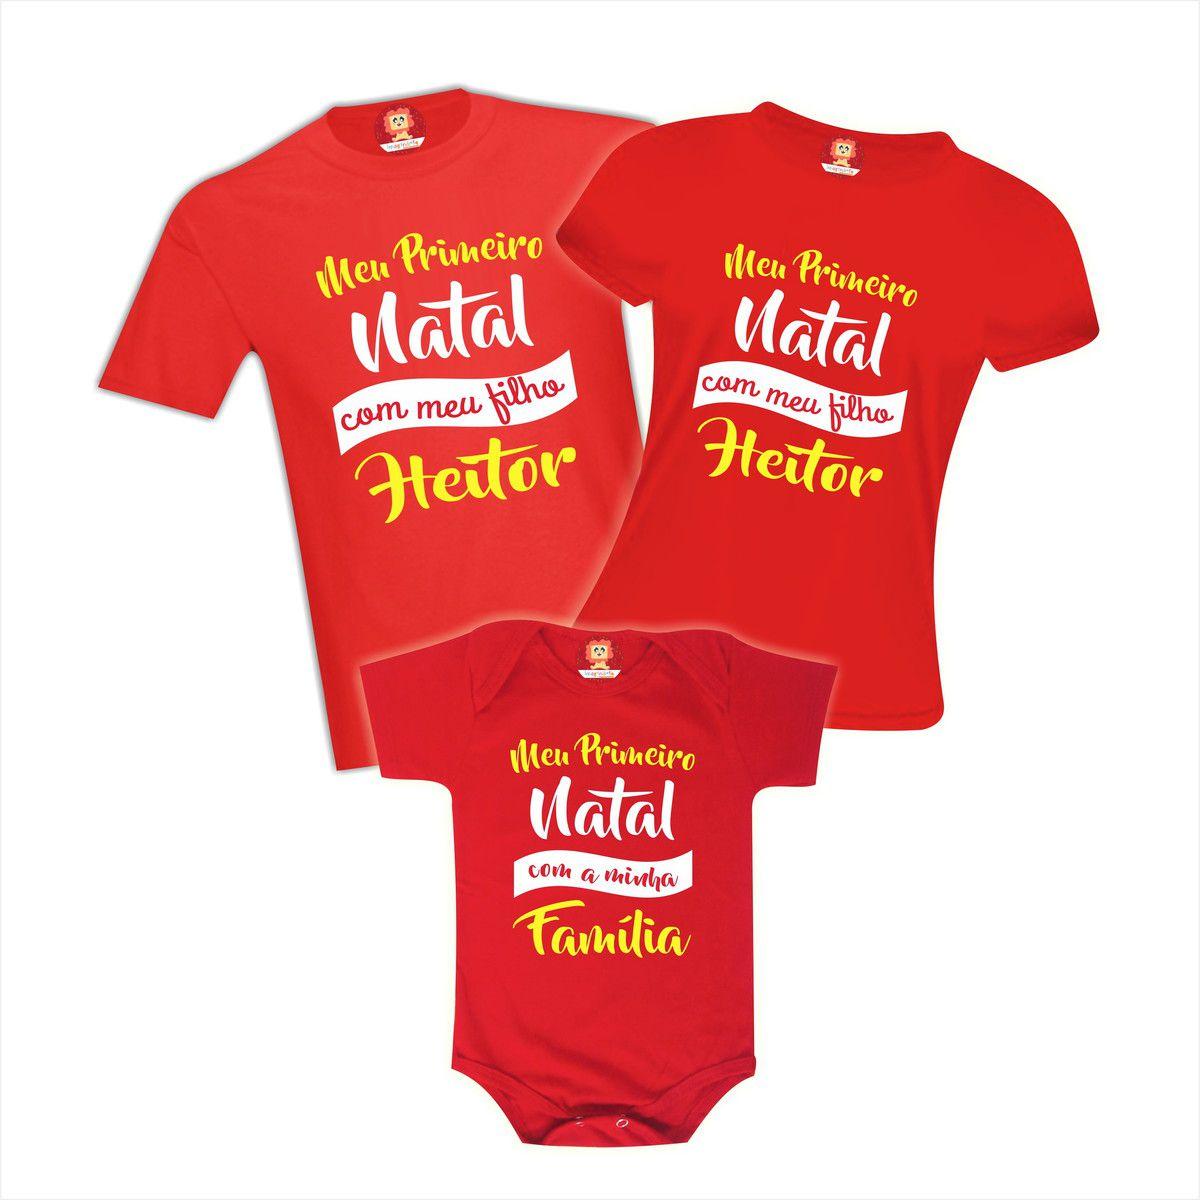 Camisetas Meu Primeiro Natal Com Meu Filho